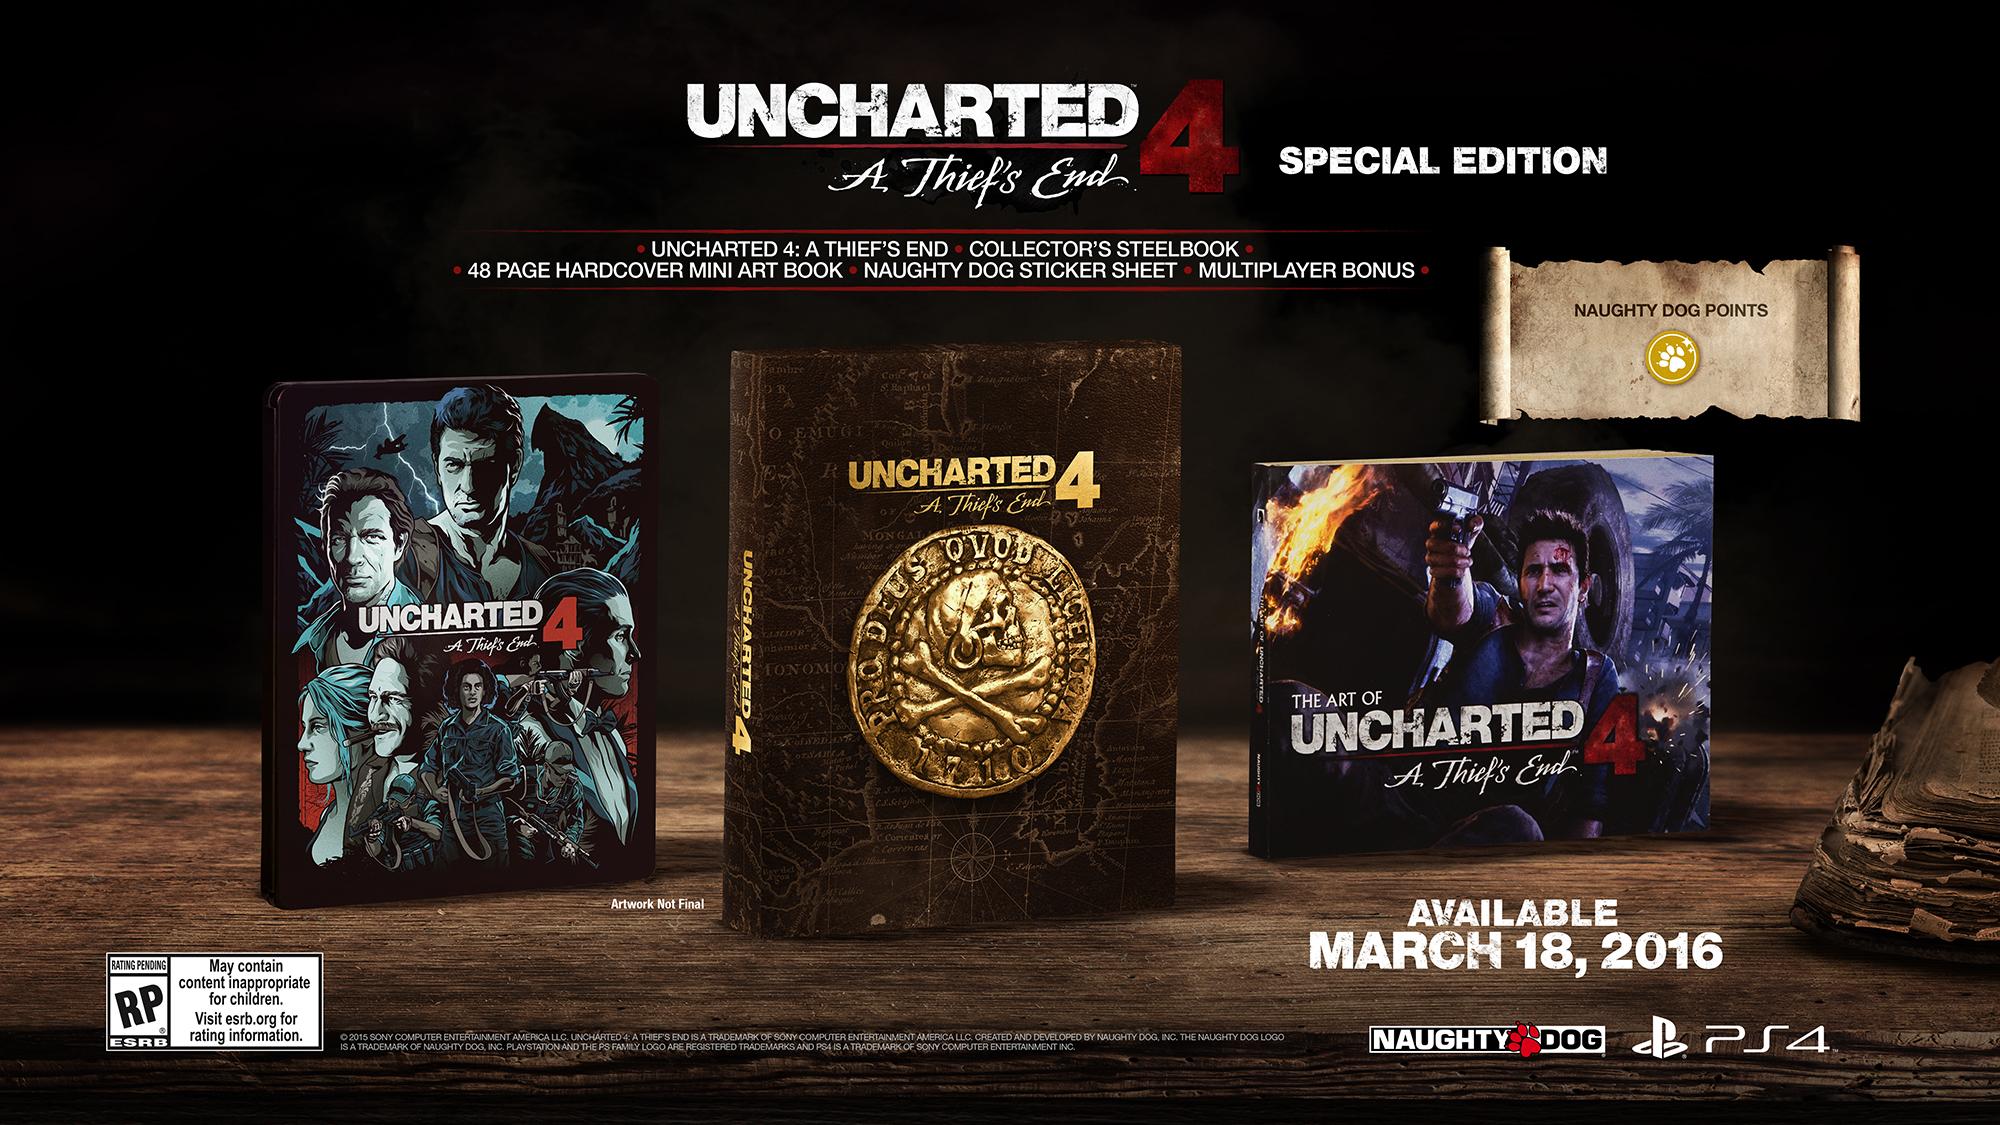 Uncharted4_BeautyShot_SE_100dpi.jpg